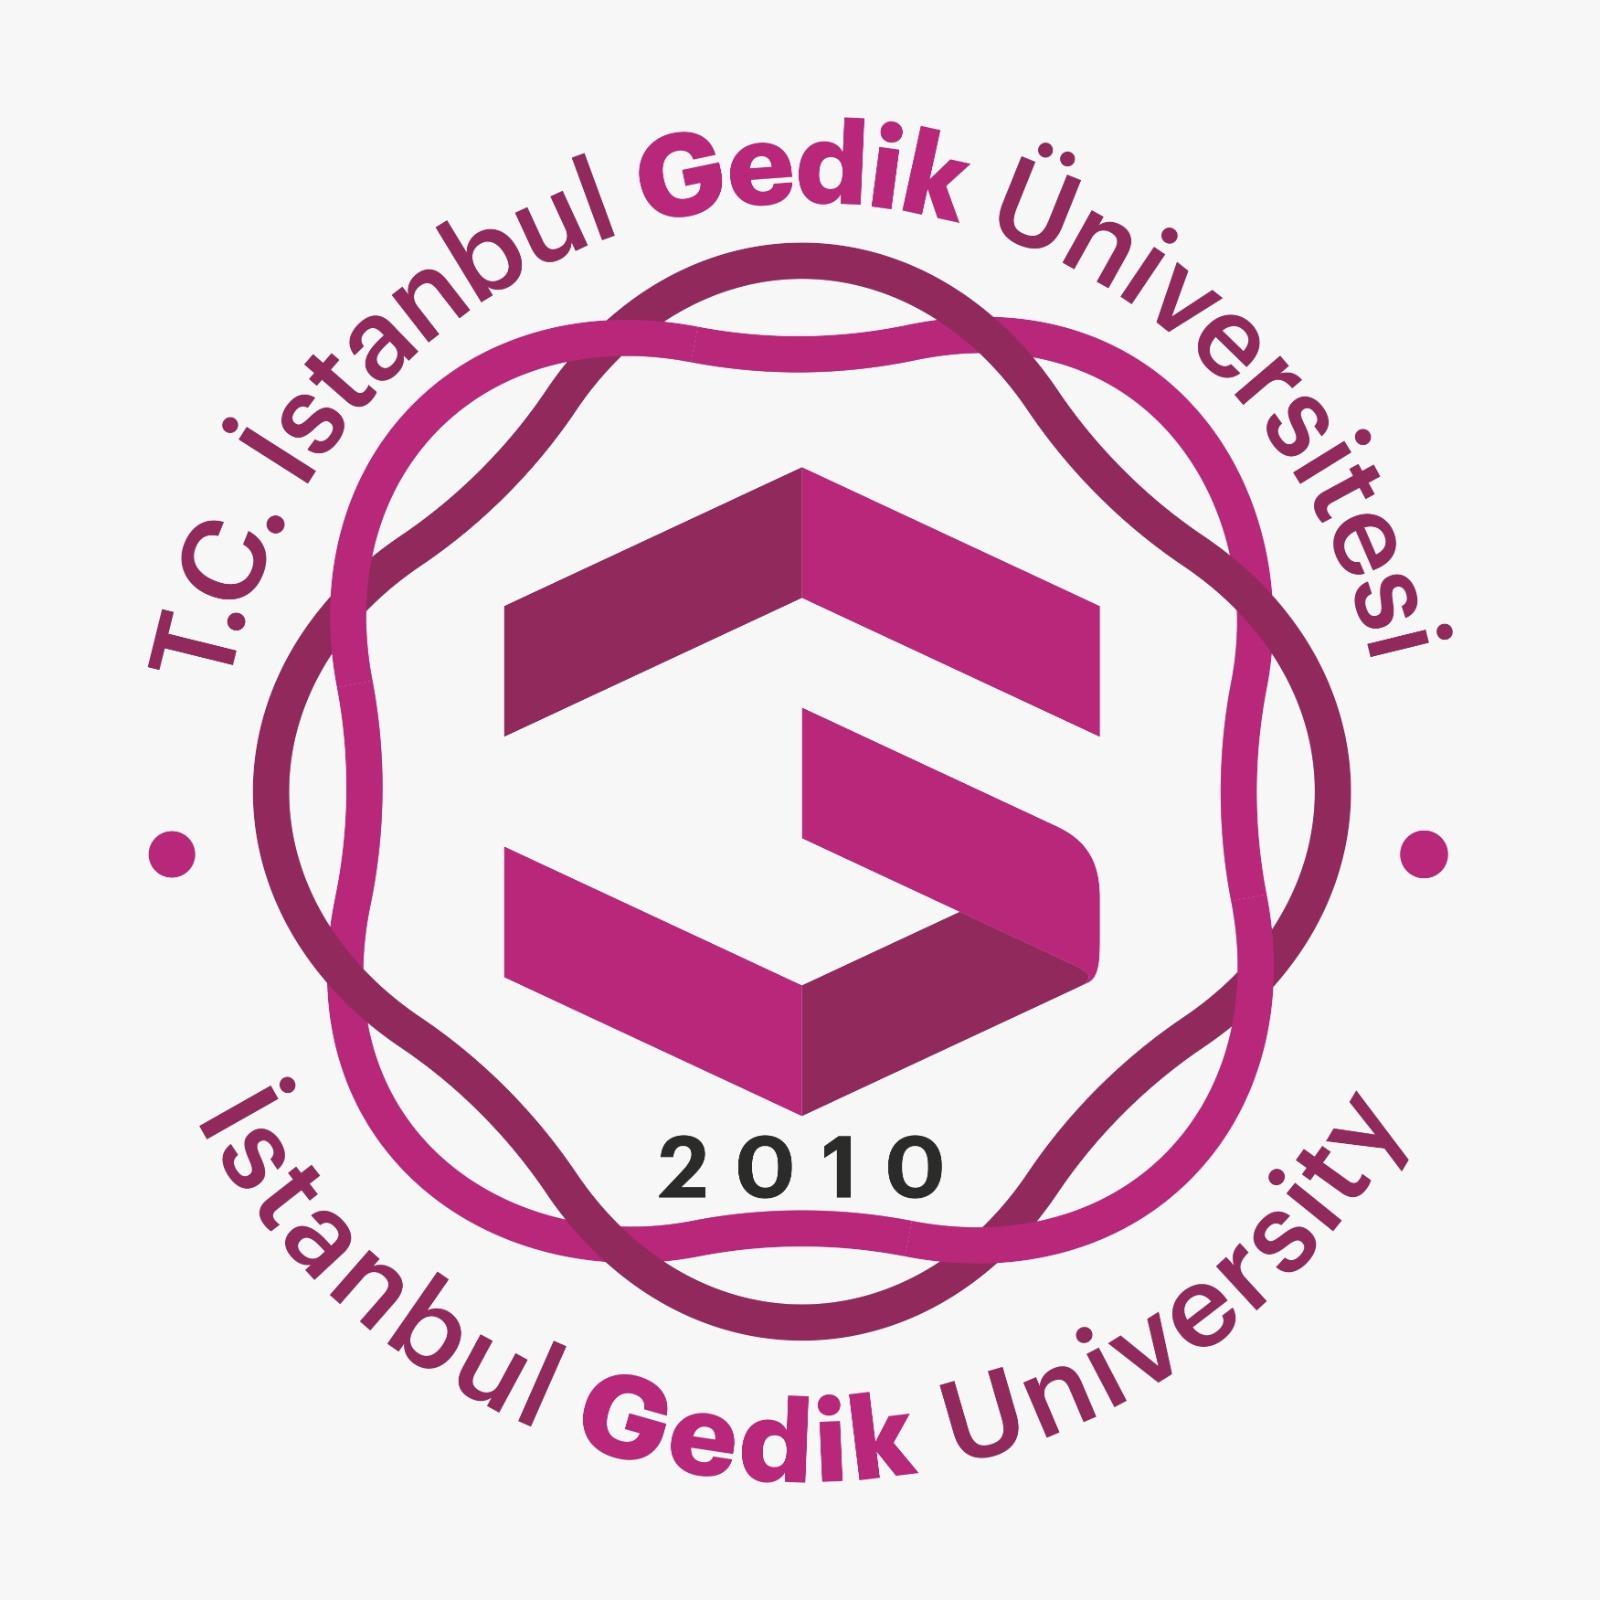 gedik-universitesi